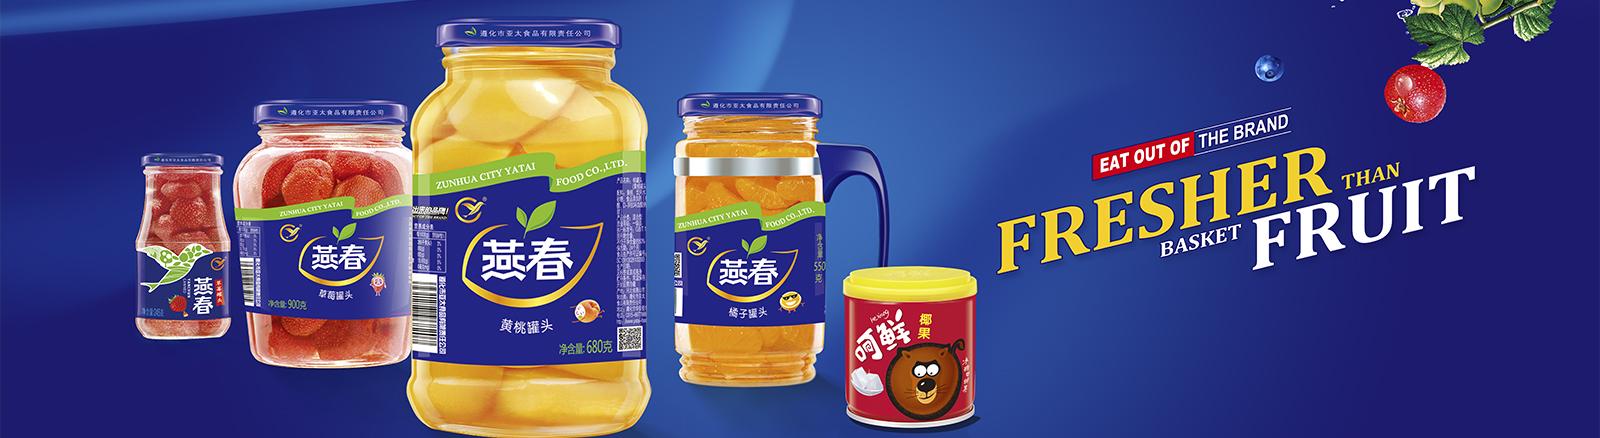 亞太燕春水果罐頭